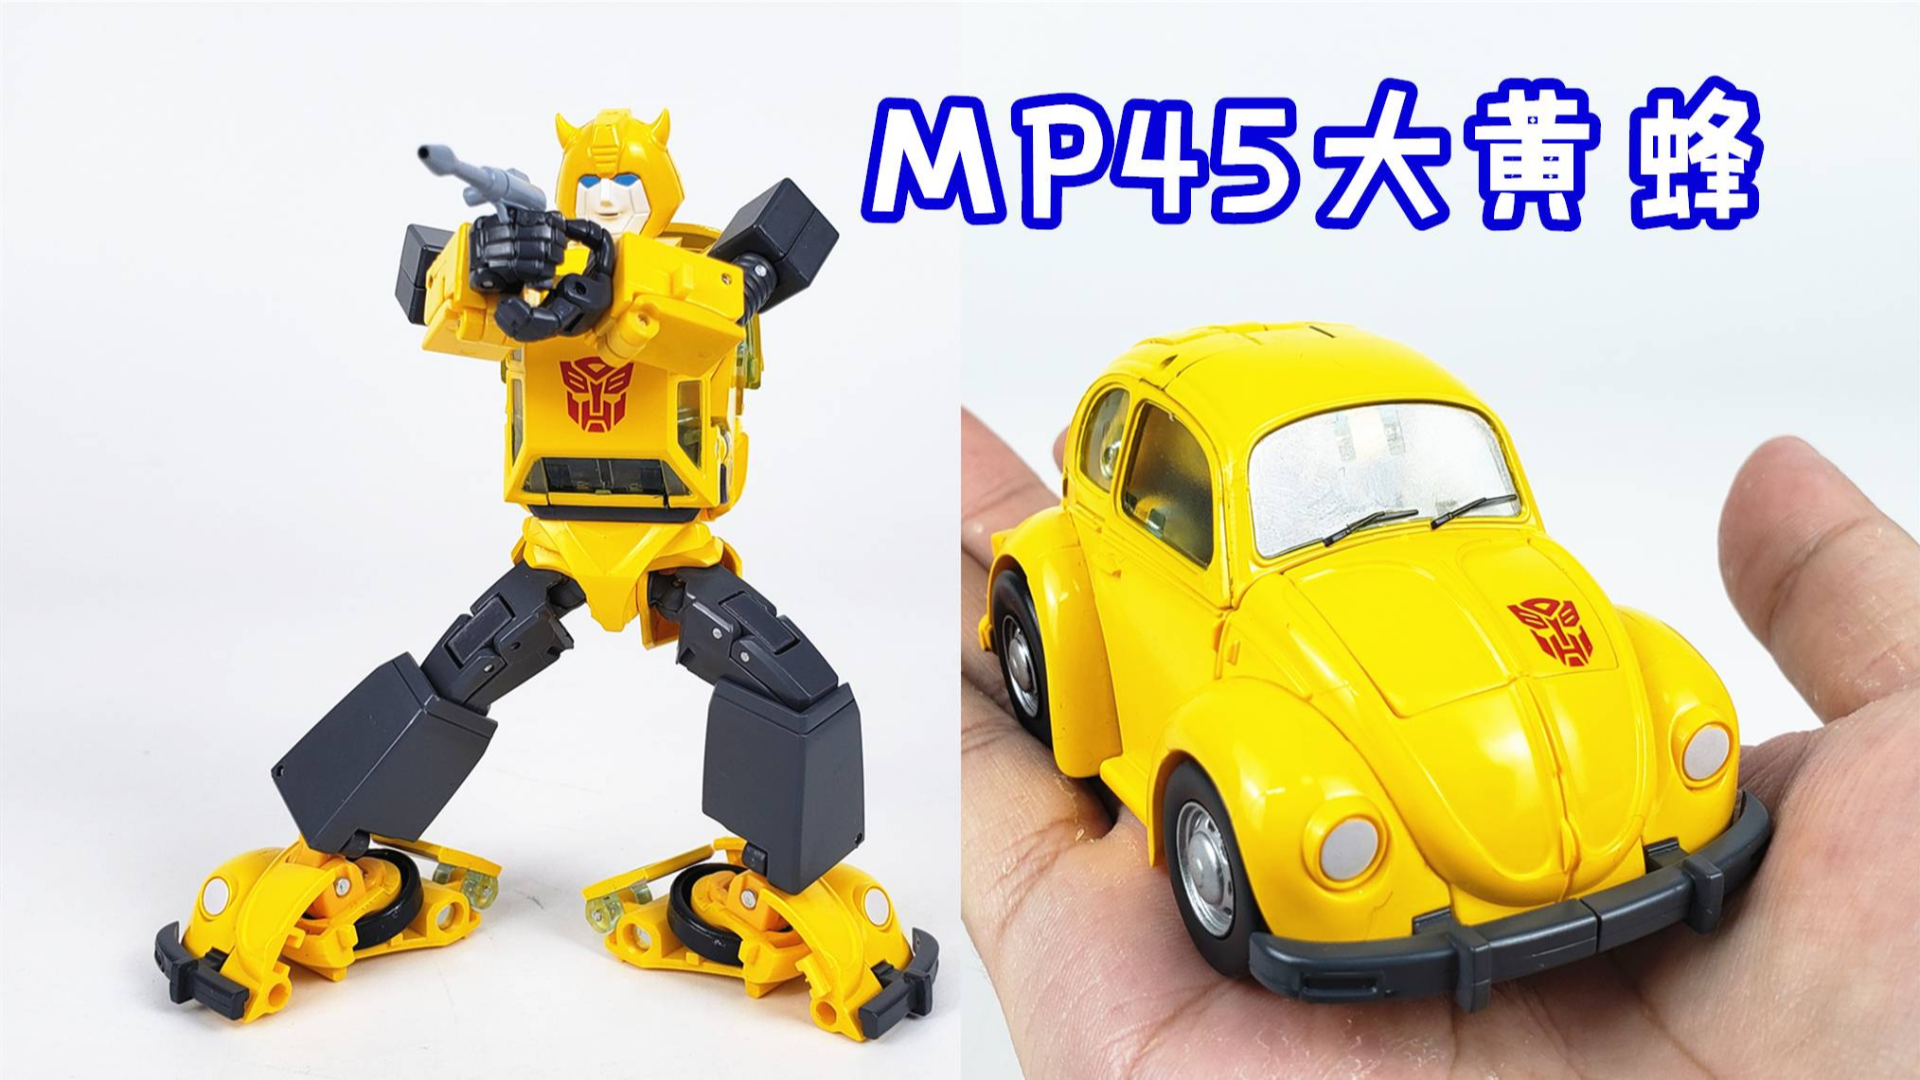 真香?你想多了!变形金刚MP-45大黄蜂-刘哥模玩